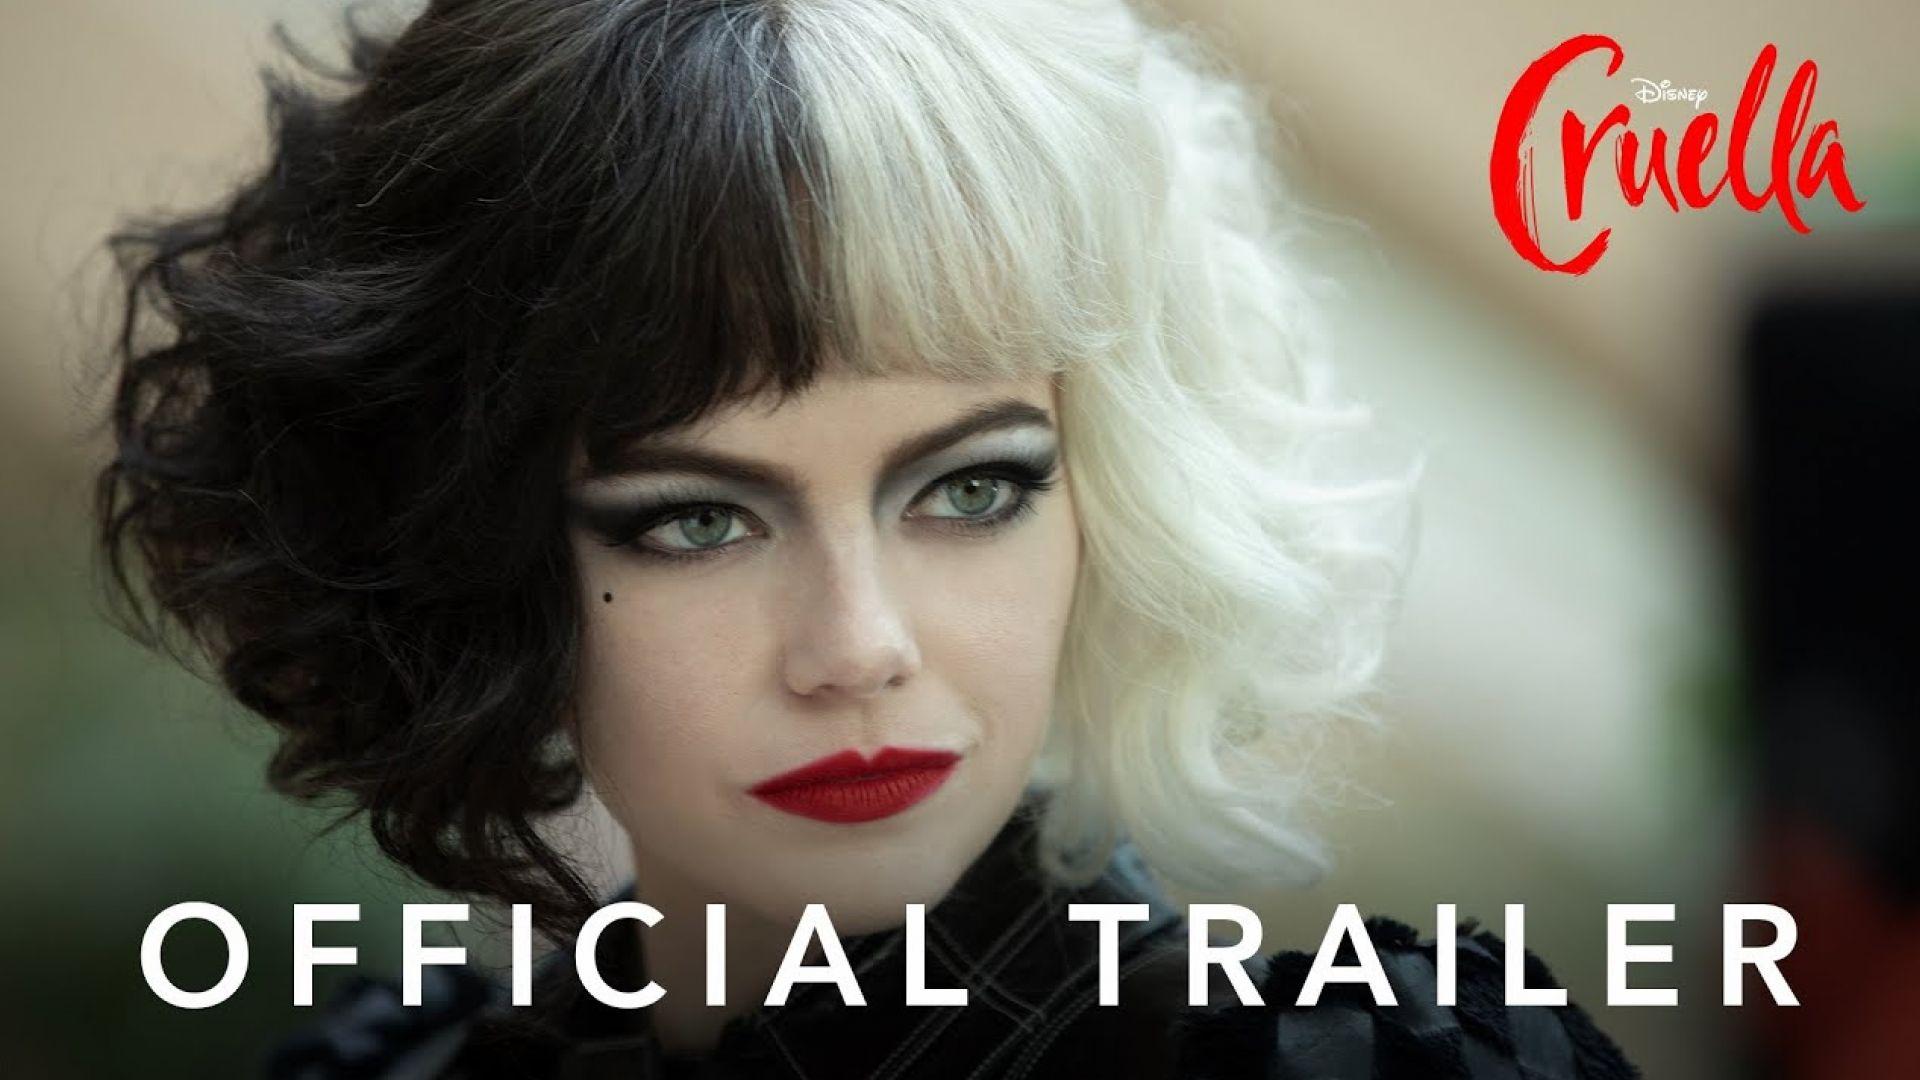 Disney's 'Cruella' Official Trailer